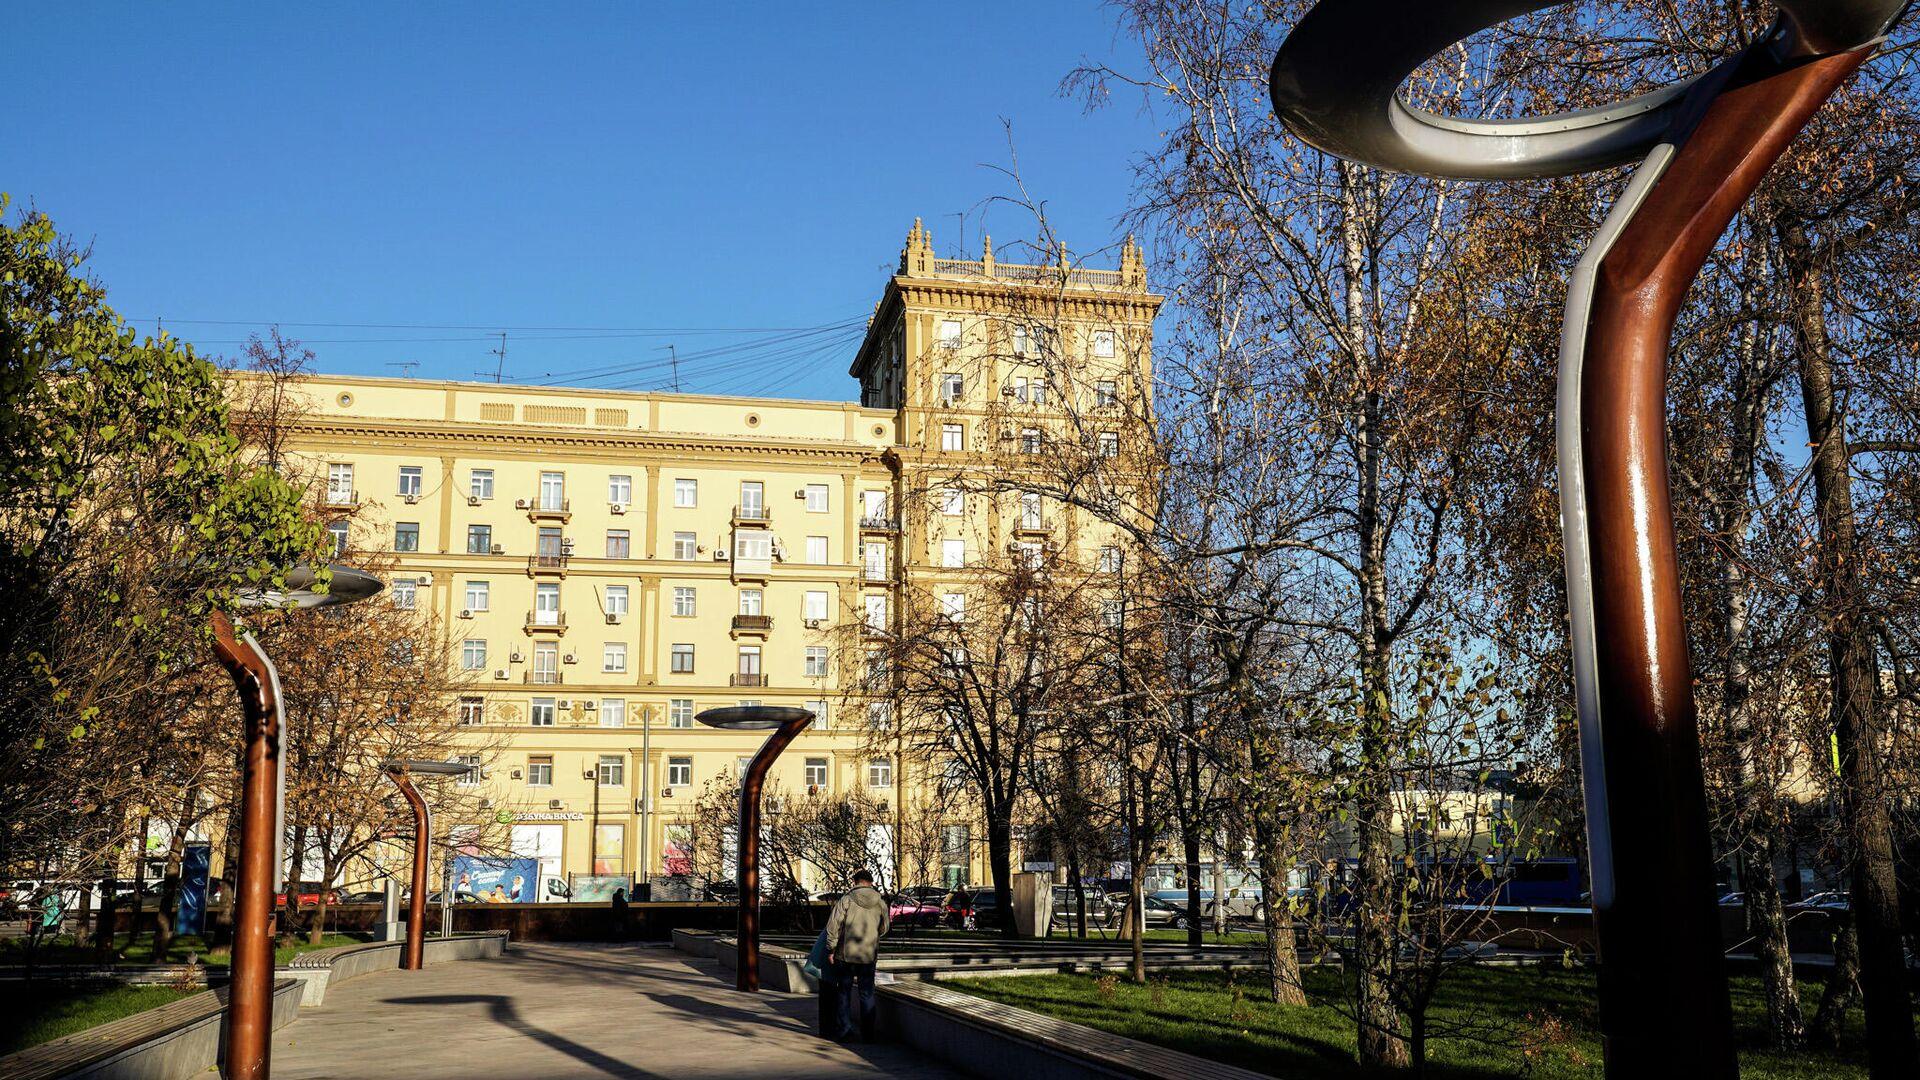 Фонари на площади Цезаря Куникова в Москве - РИА Новости, 1920, 23.10.2020